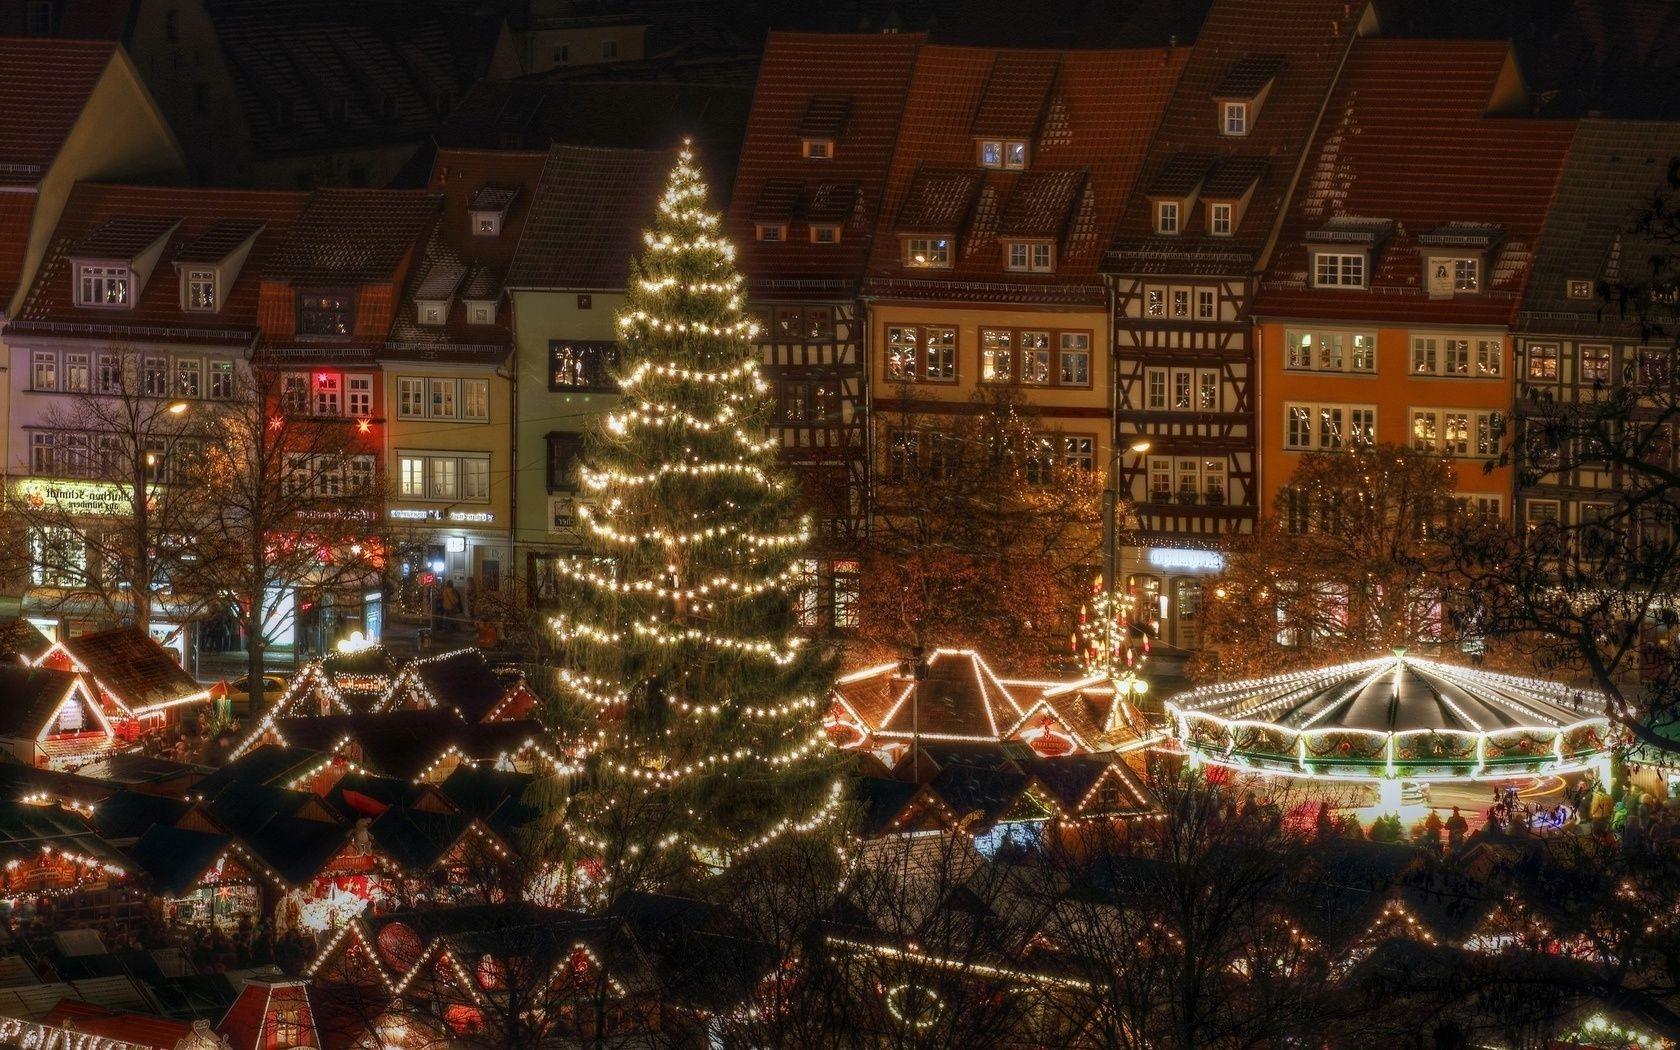 изучив наши рождественский город картинки отель начали дружно